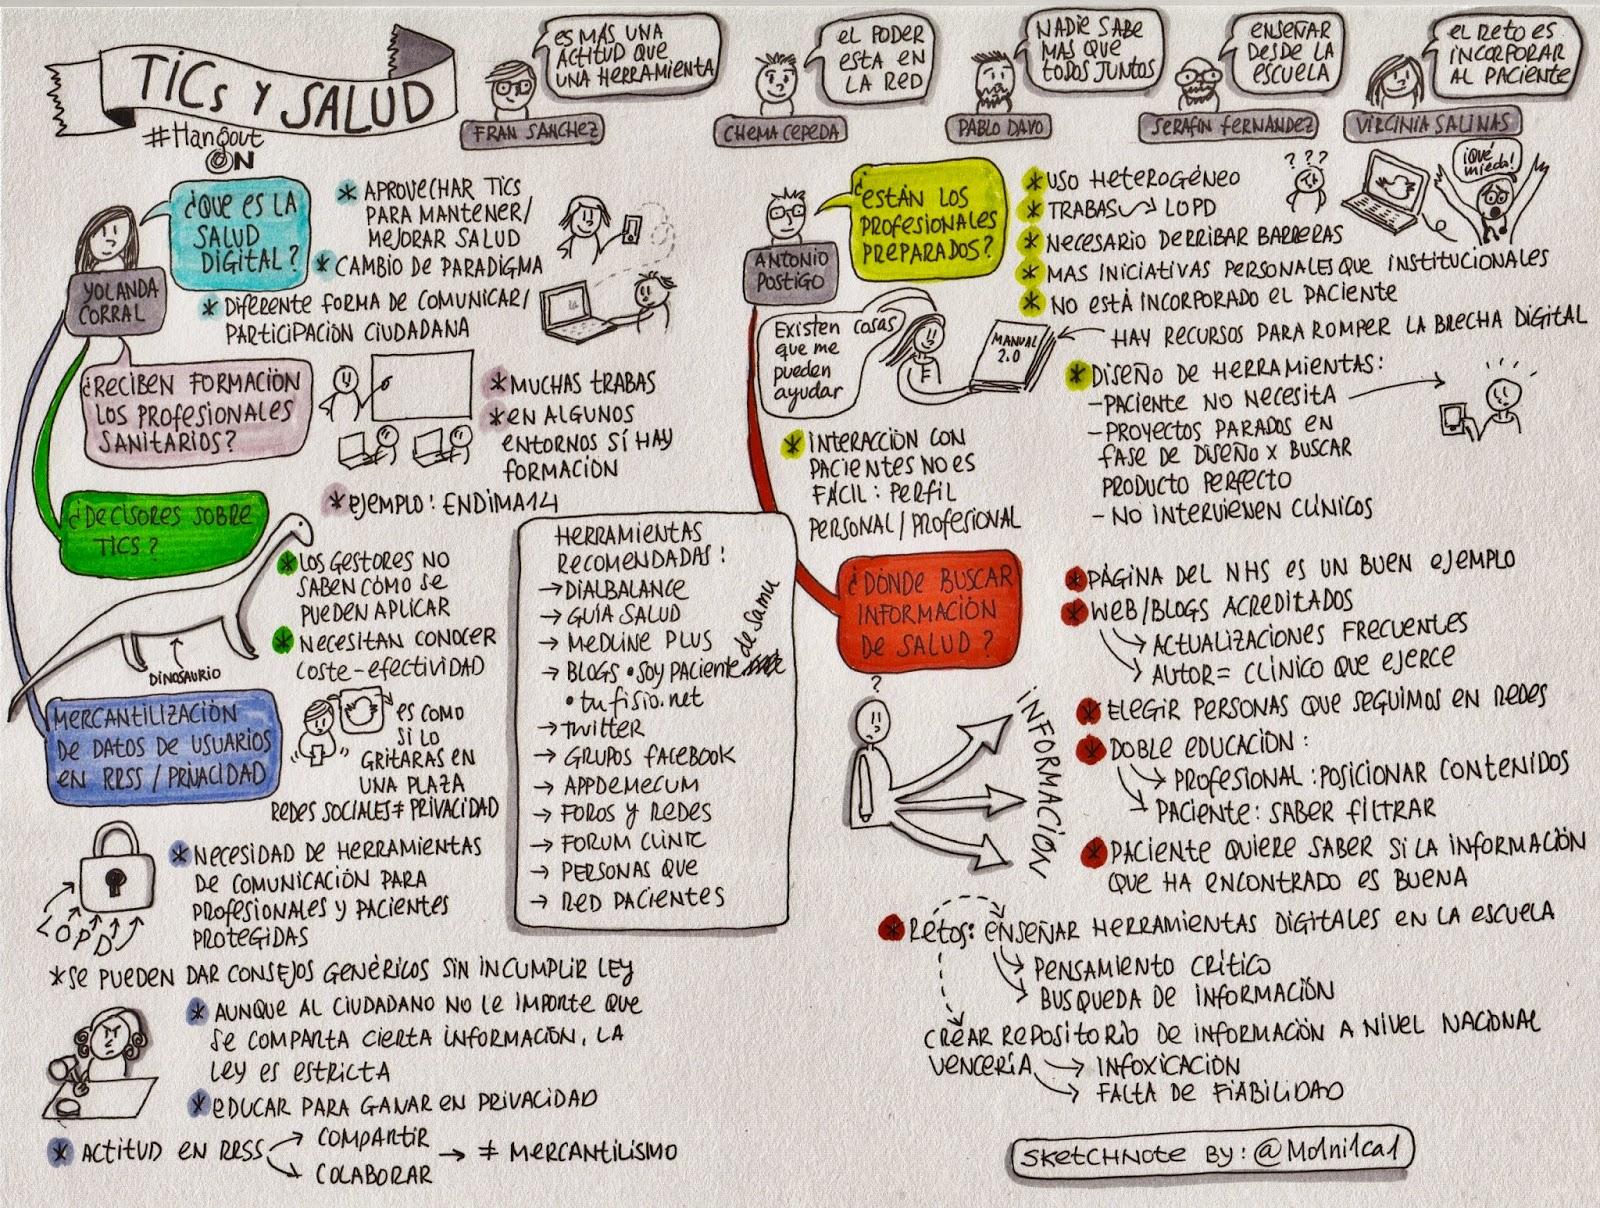 sketchnote hangouton tics y salud digital